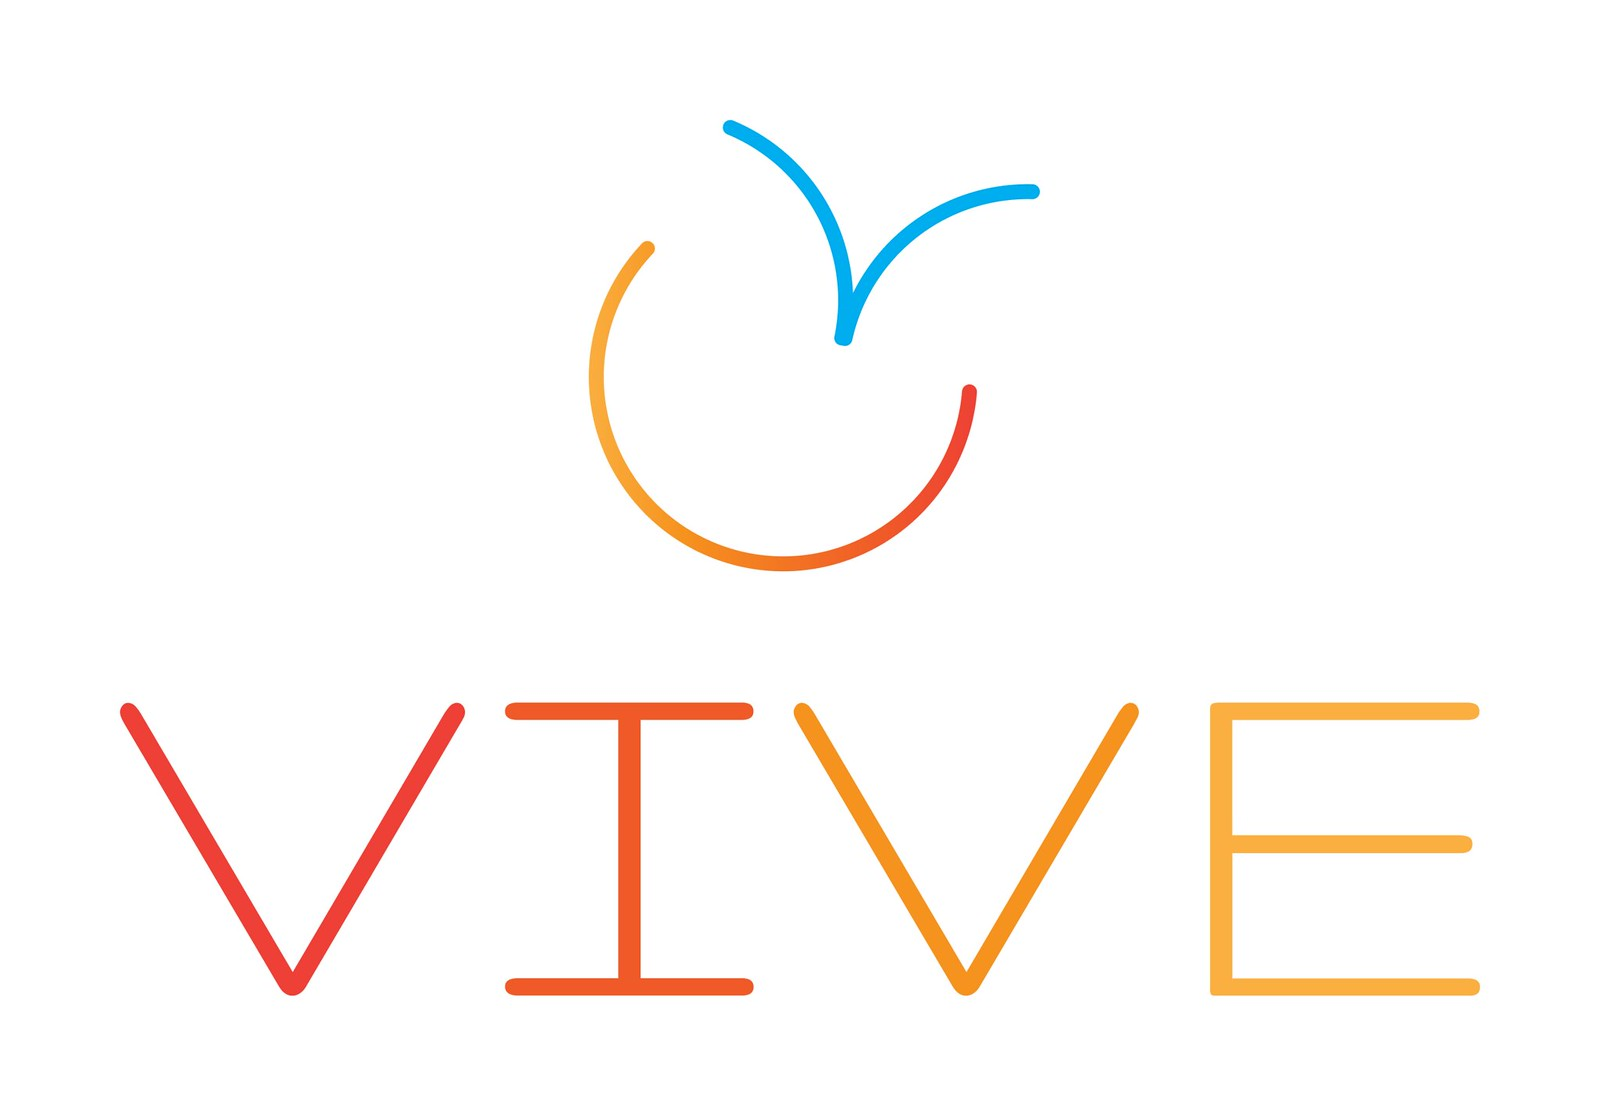 Vive - Logo - Study 3